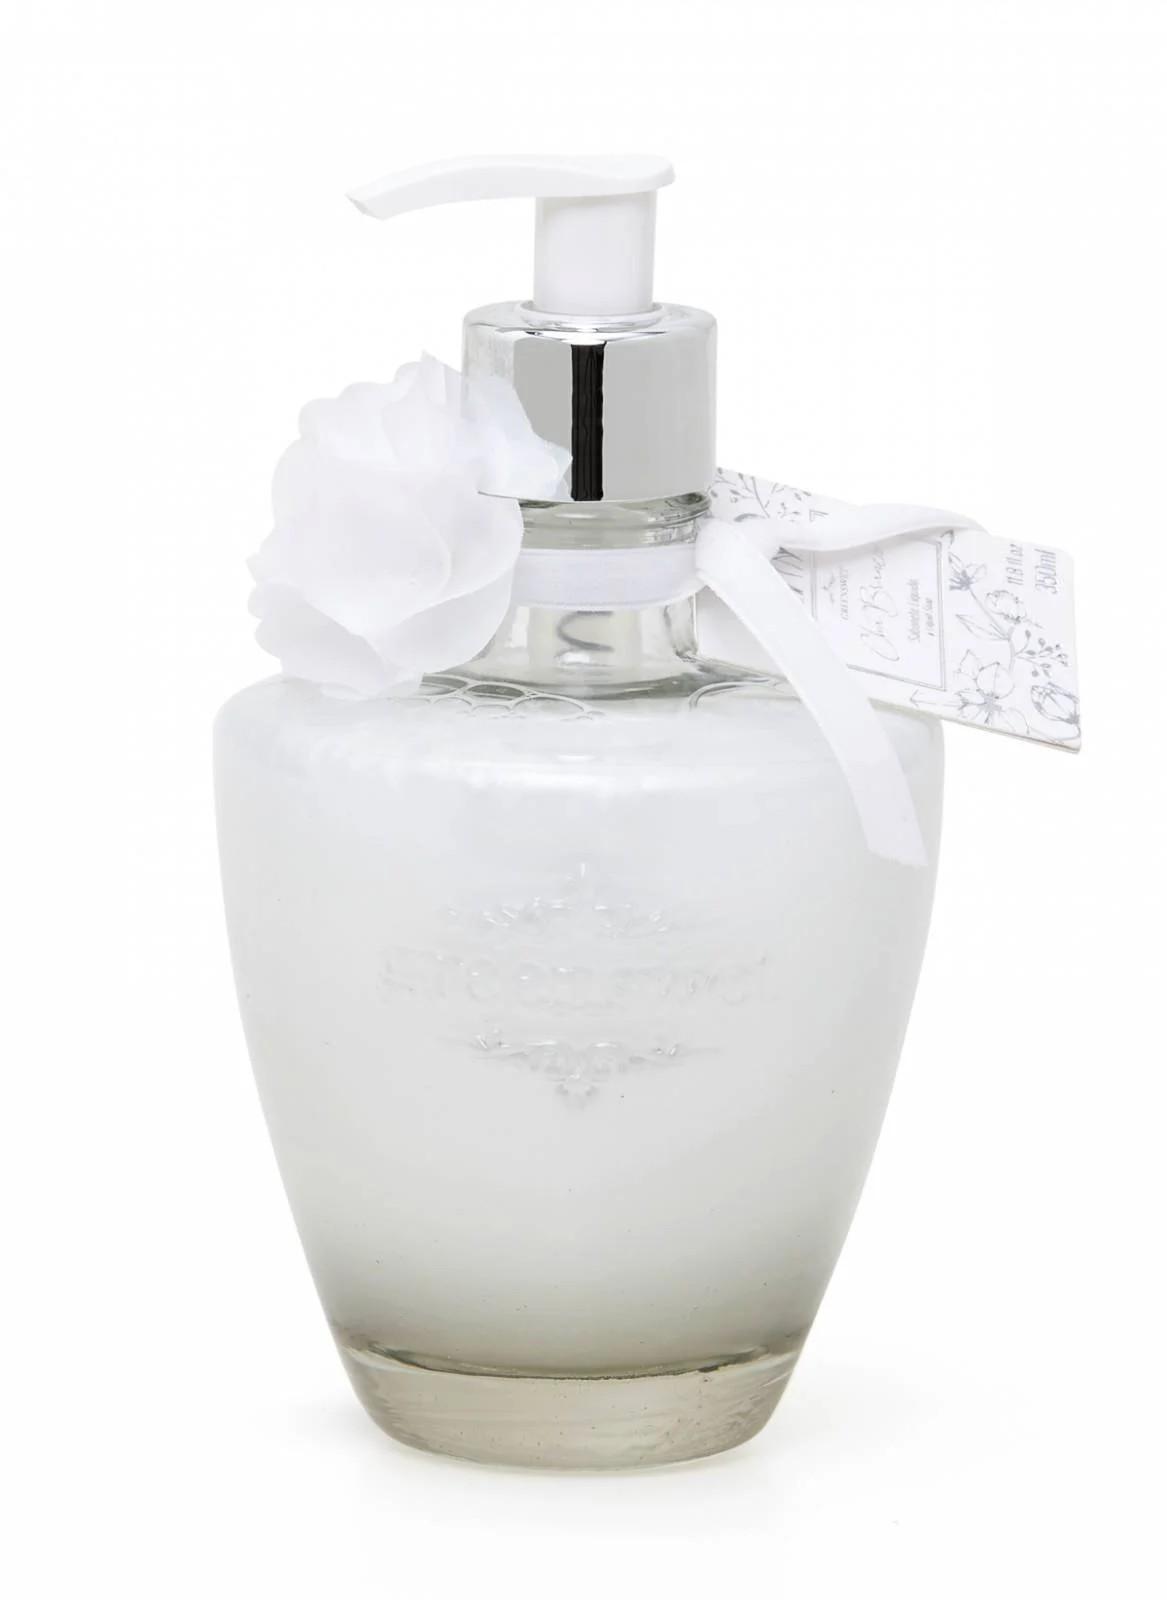 Sabonete Liquido Chá Branco 350ml |Linha Casa Perfumada Formosinha